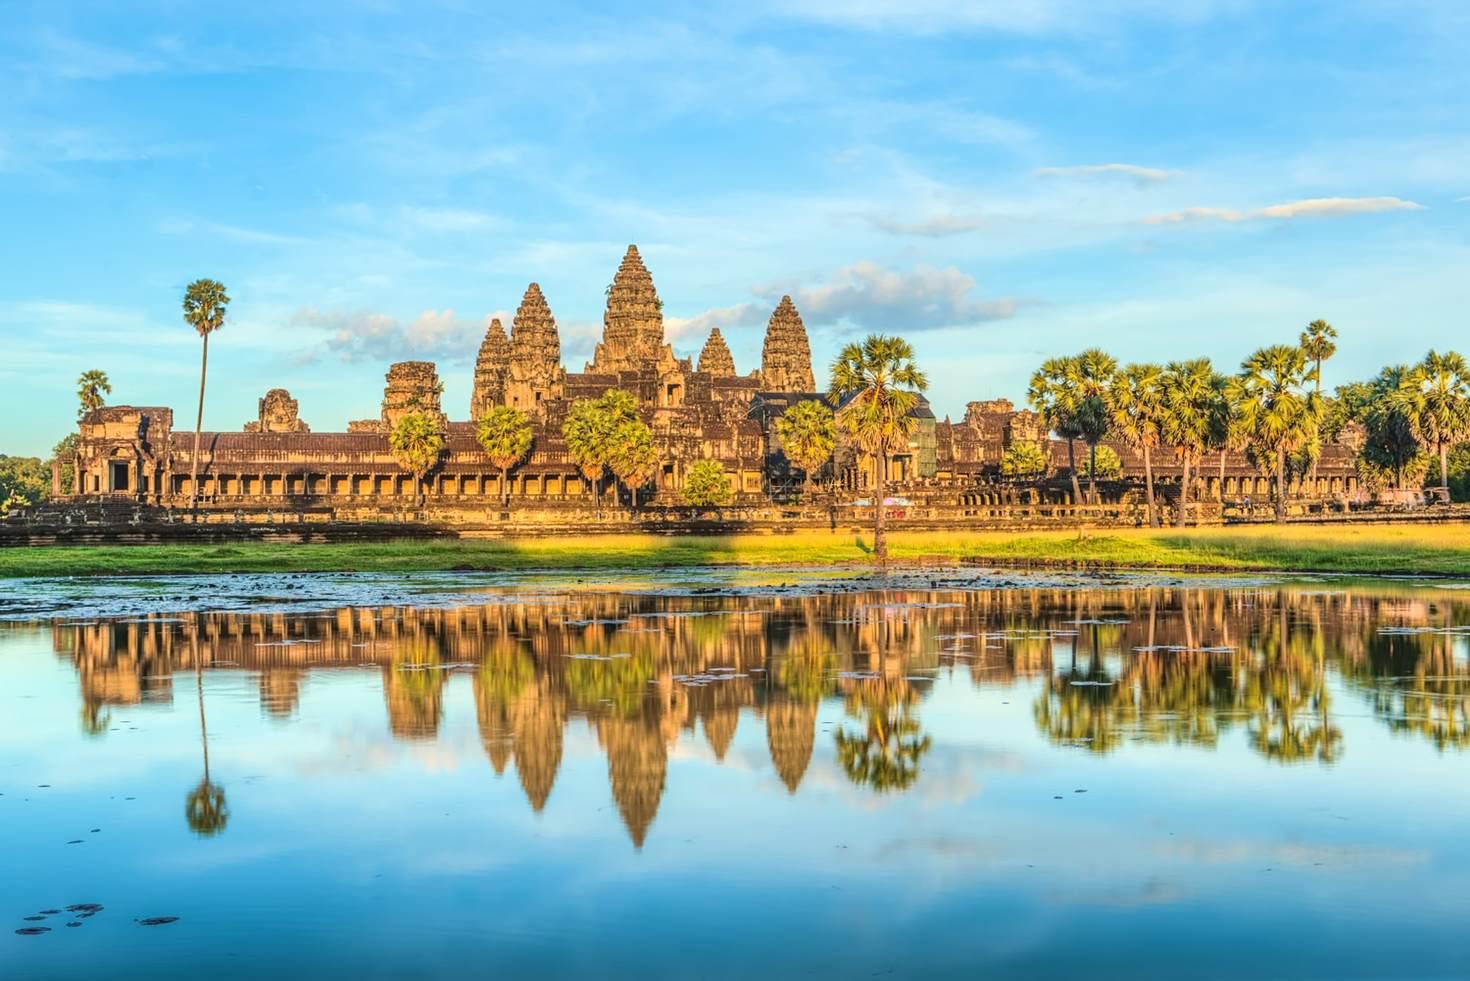 B Angkor Wat